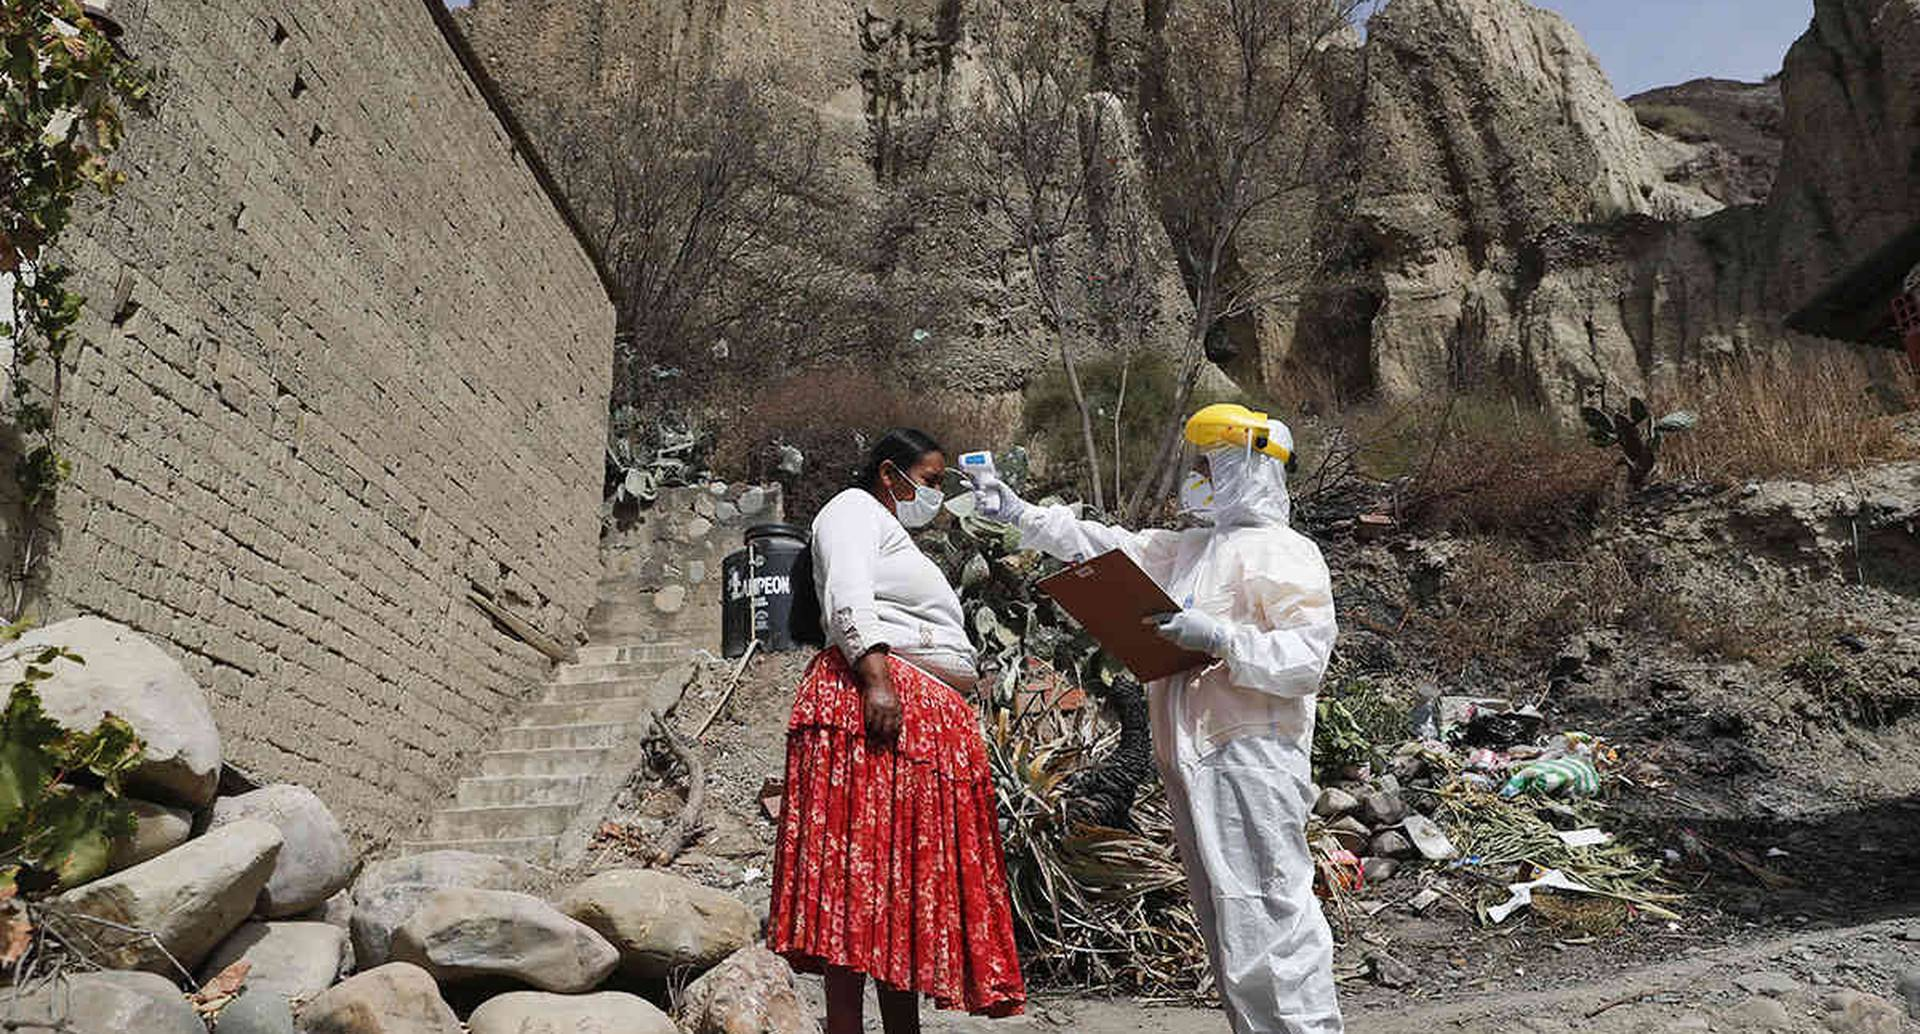 En Bolivia están desarrollando una campaña de pruebas de coronavirus de casa en casa. Esta semana, la presidenta Jeanine Áñez dio positivo. La imagen fue tomada en Avircato, el 7 de julio. Foto: Juan Karita / AP